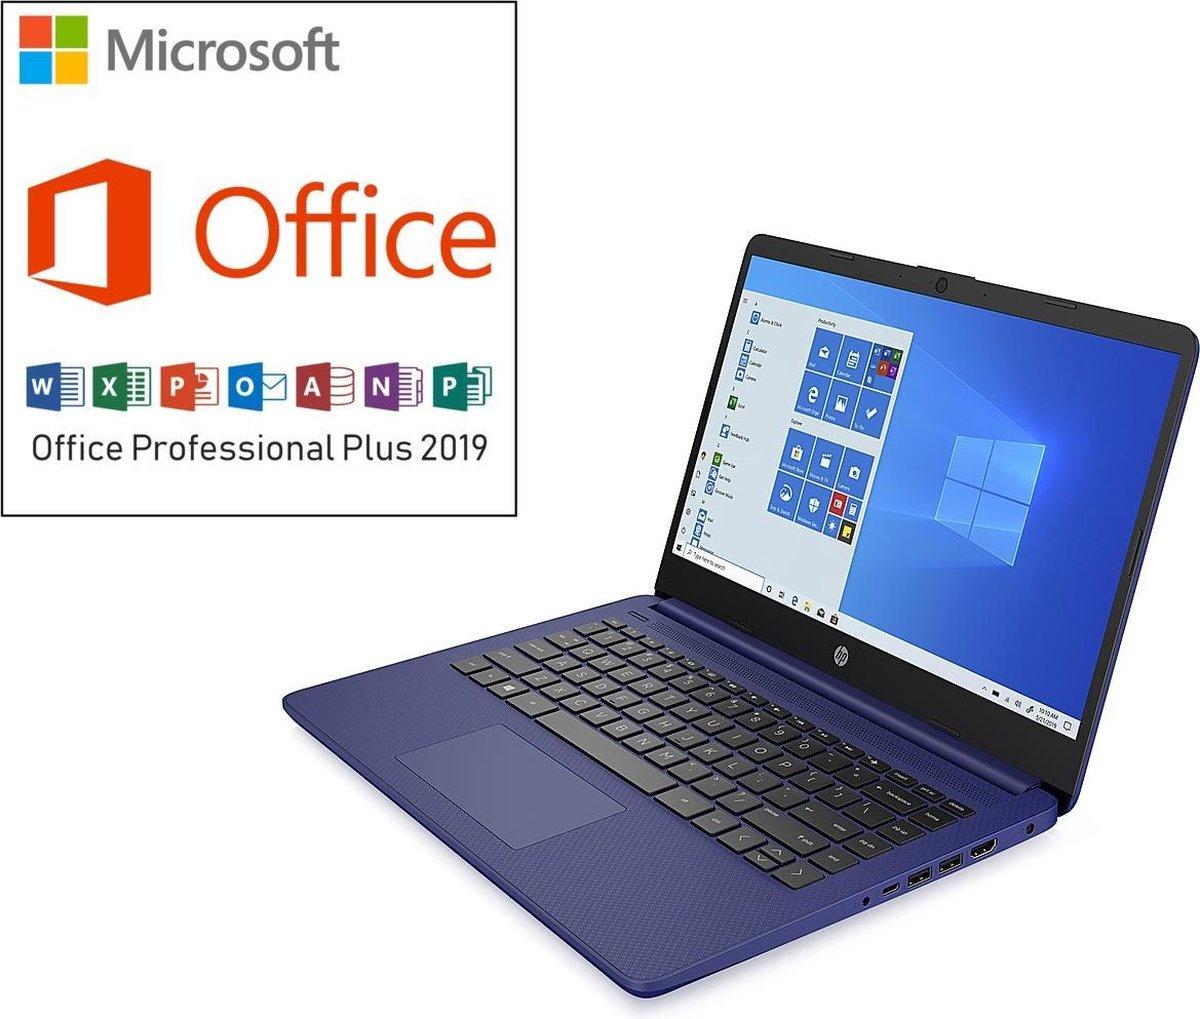 HP 14 inch Laptop - Tijdelijke actie: €549,99 >> €499,99 & incl. Office Professional! (verloopt niet, geen abonnement)